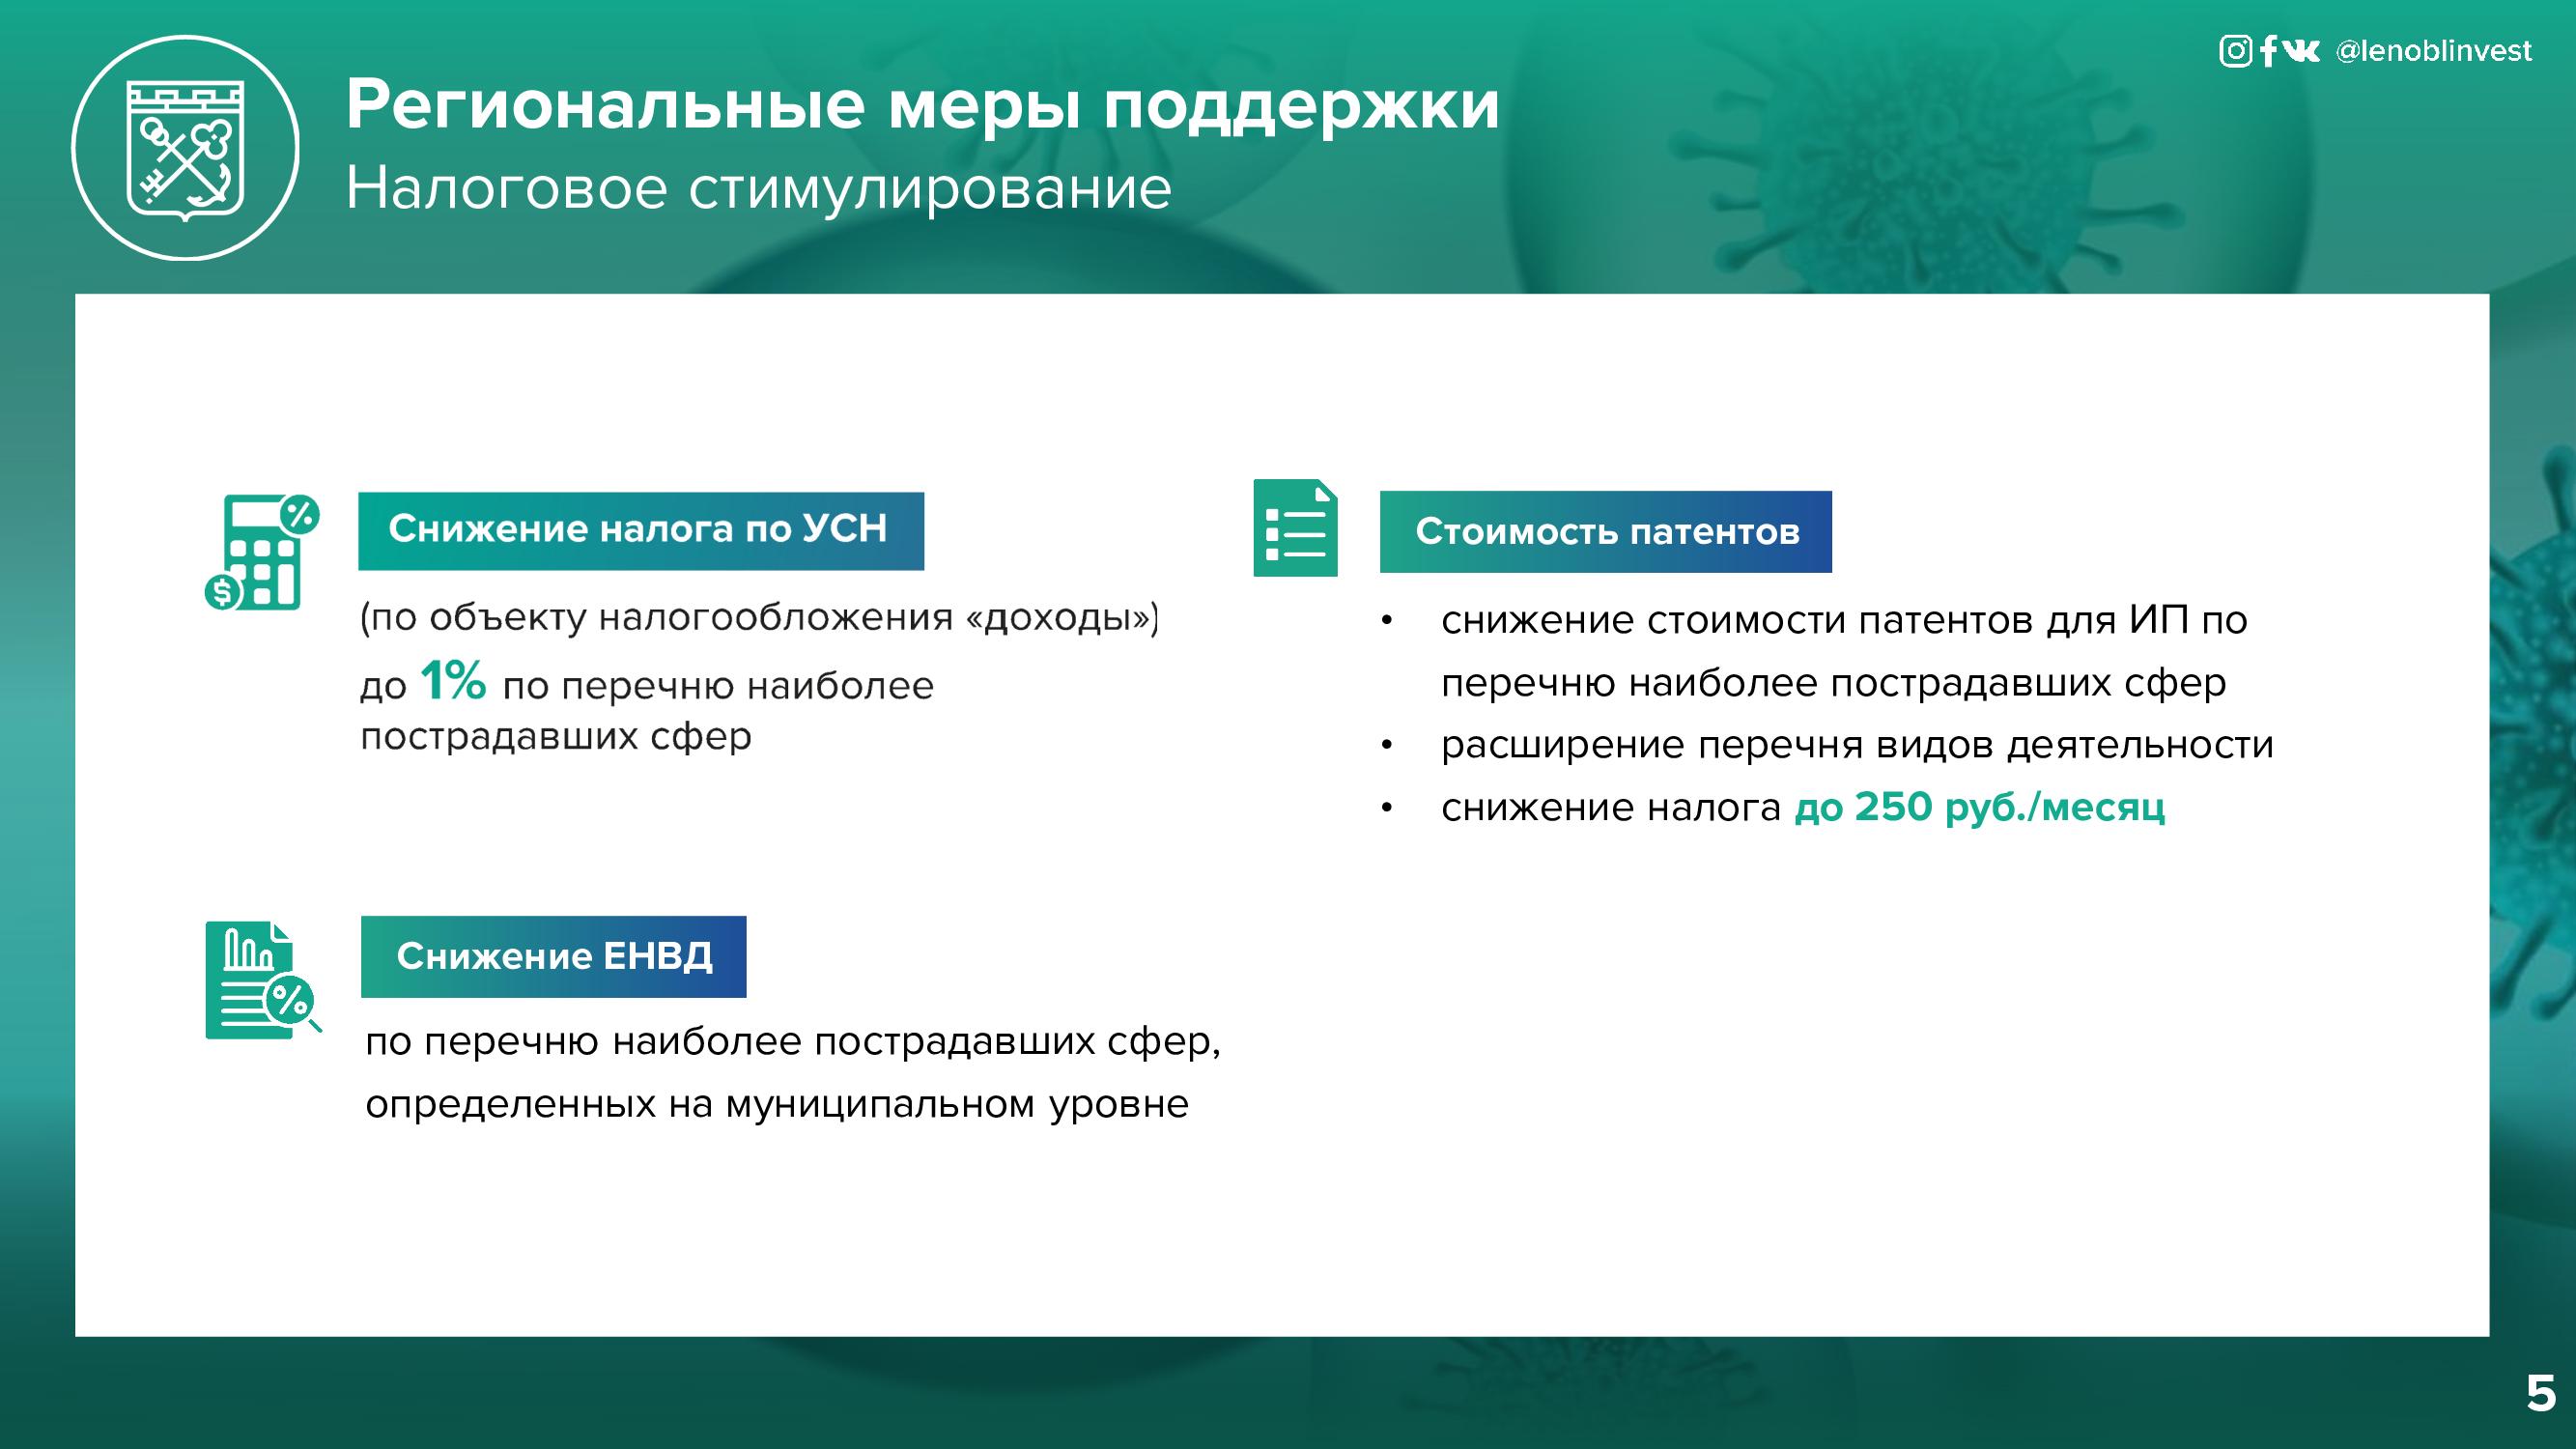 Региональные и федеральные меры поддержки_page-0005.jpg